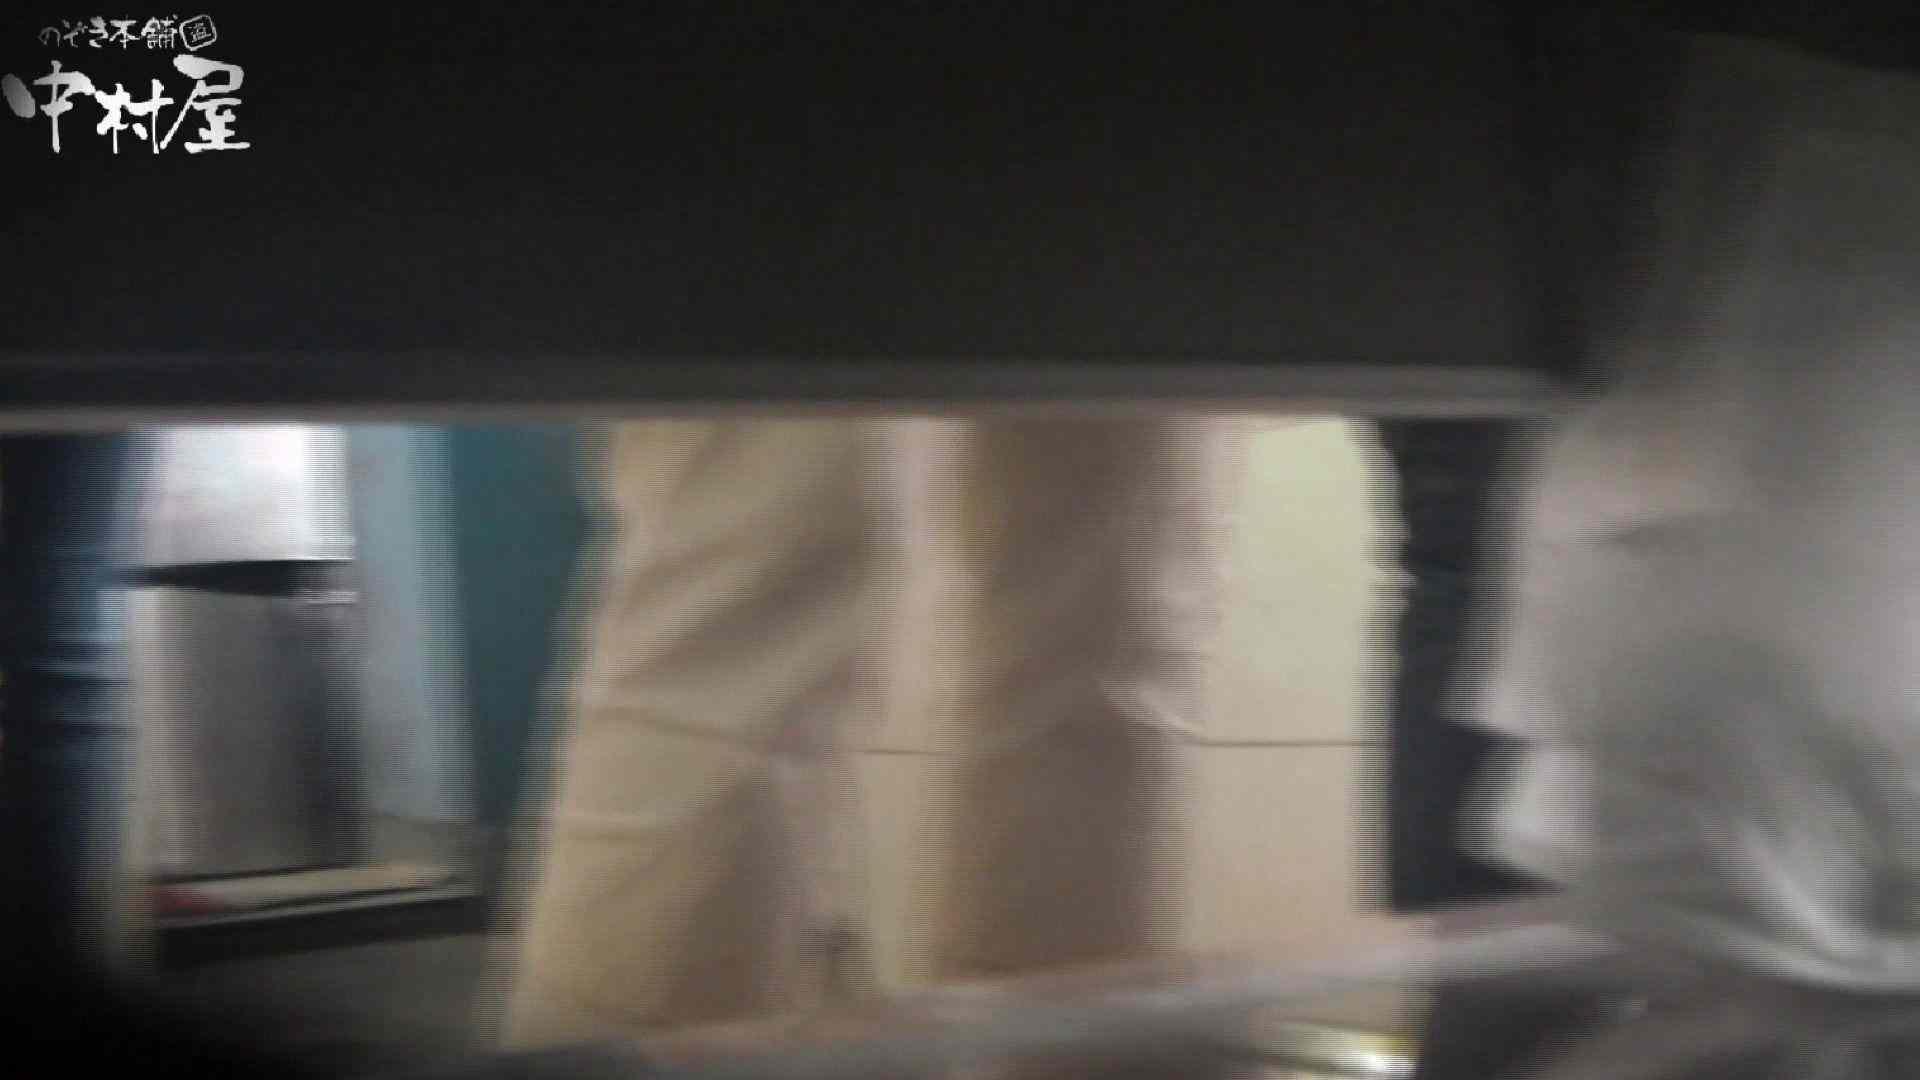 世界の射窓から~vol47 珍しい、毛からしたってくる聖水 OLエロ画像 | 0  113PICs 37